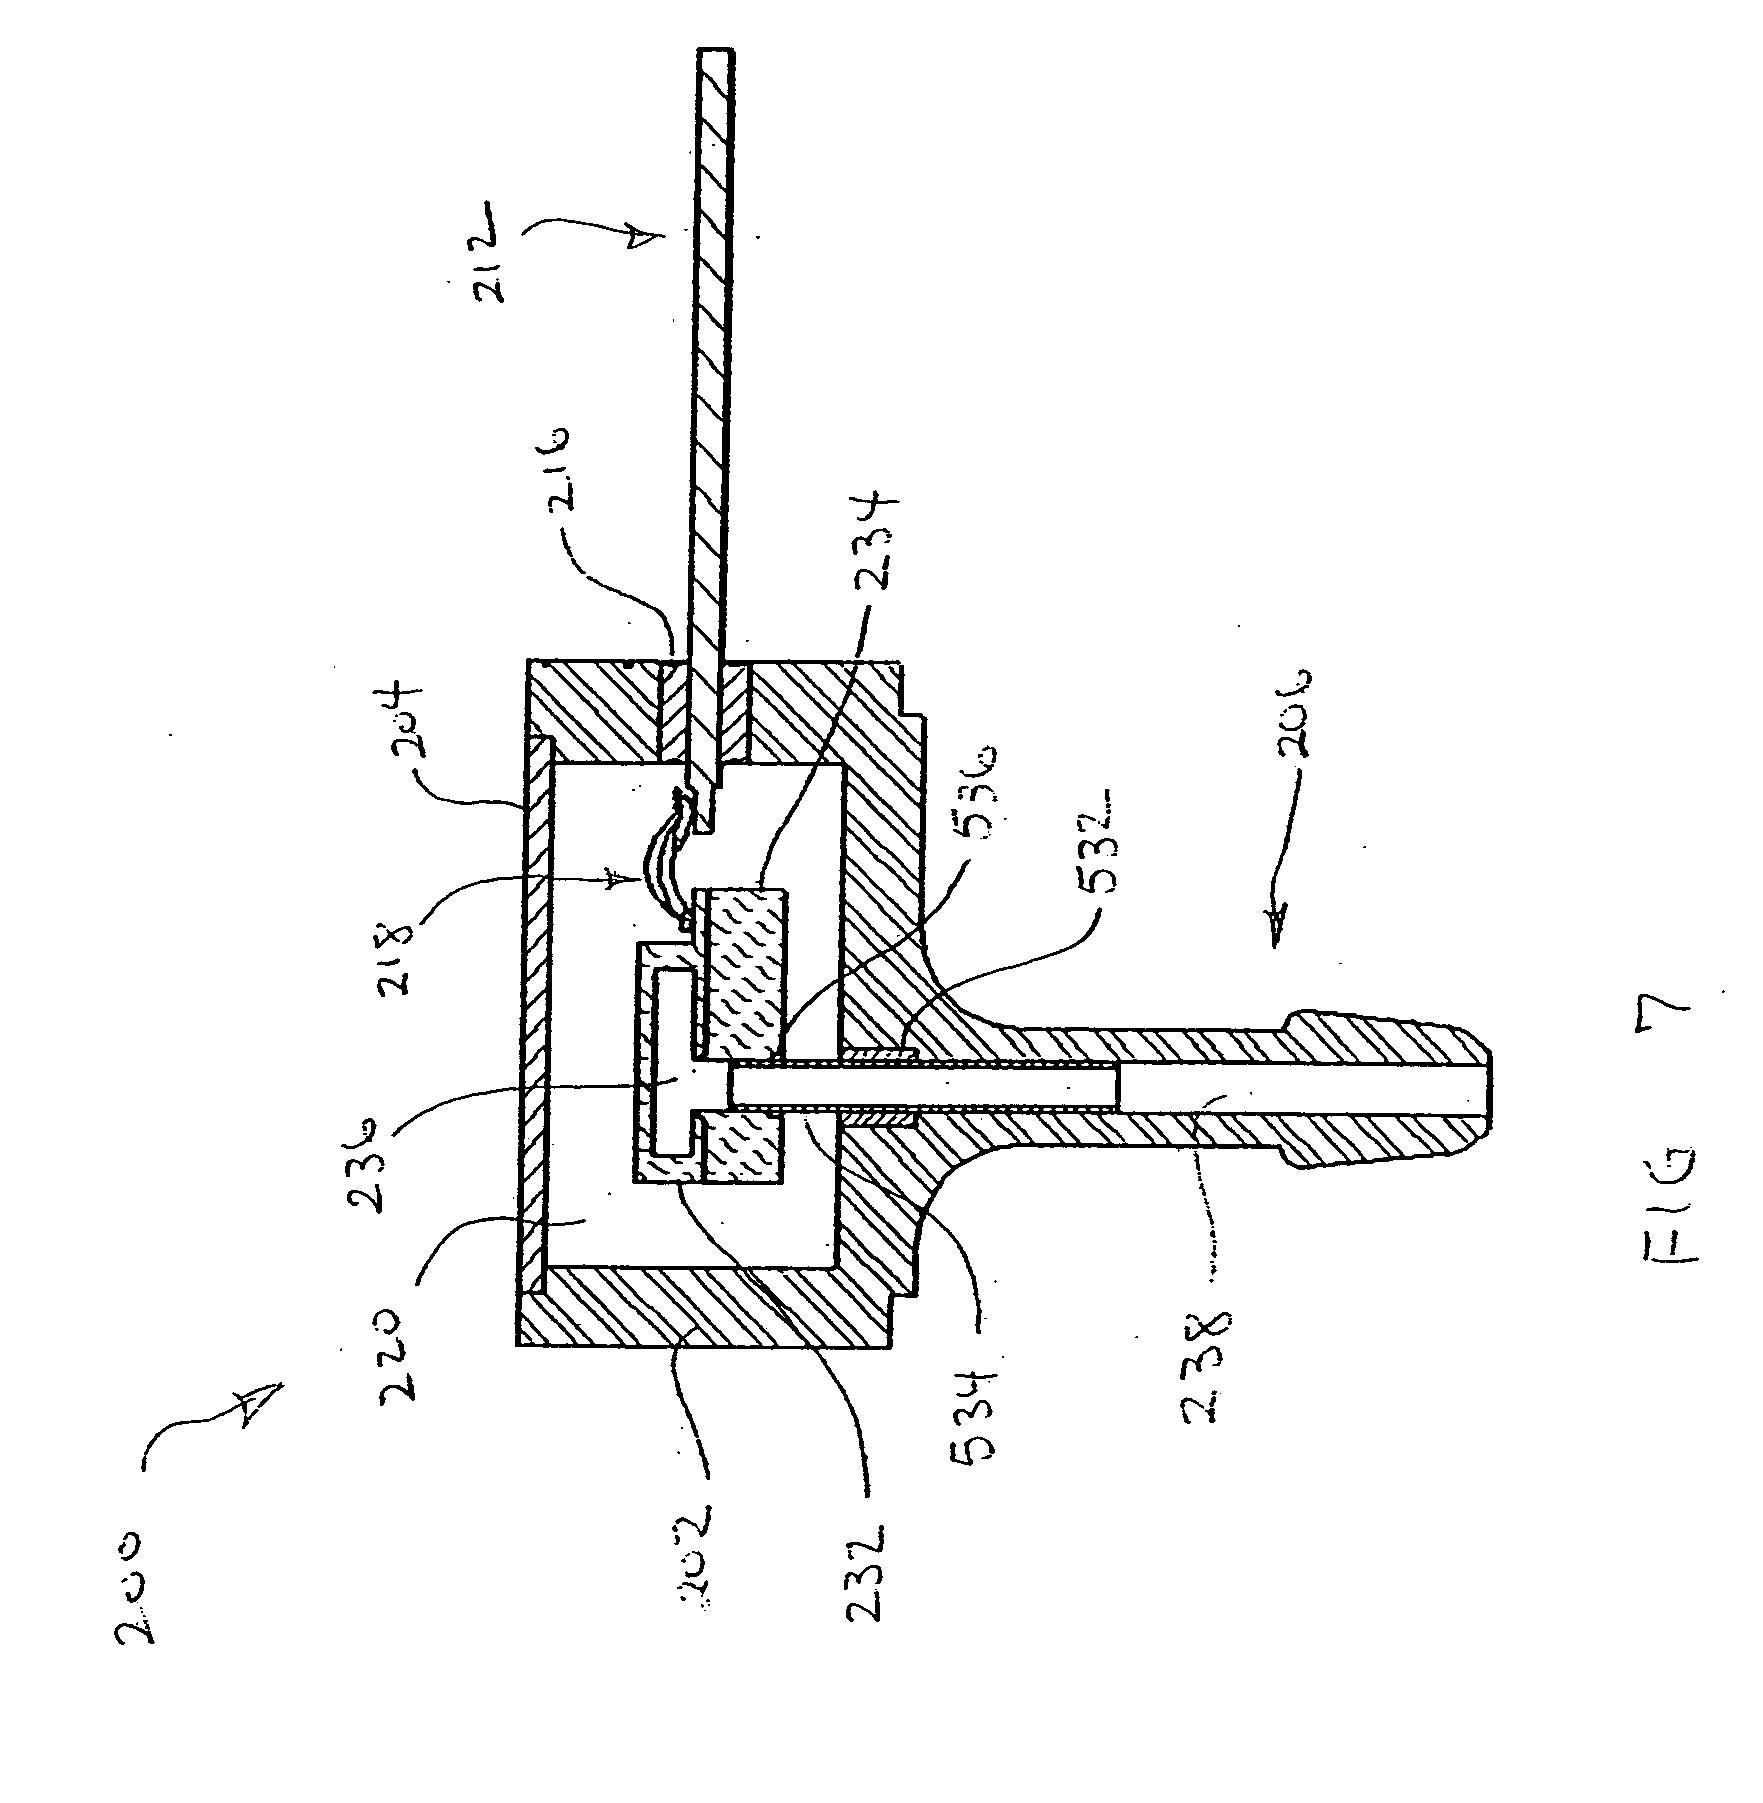 patent us20050107658